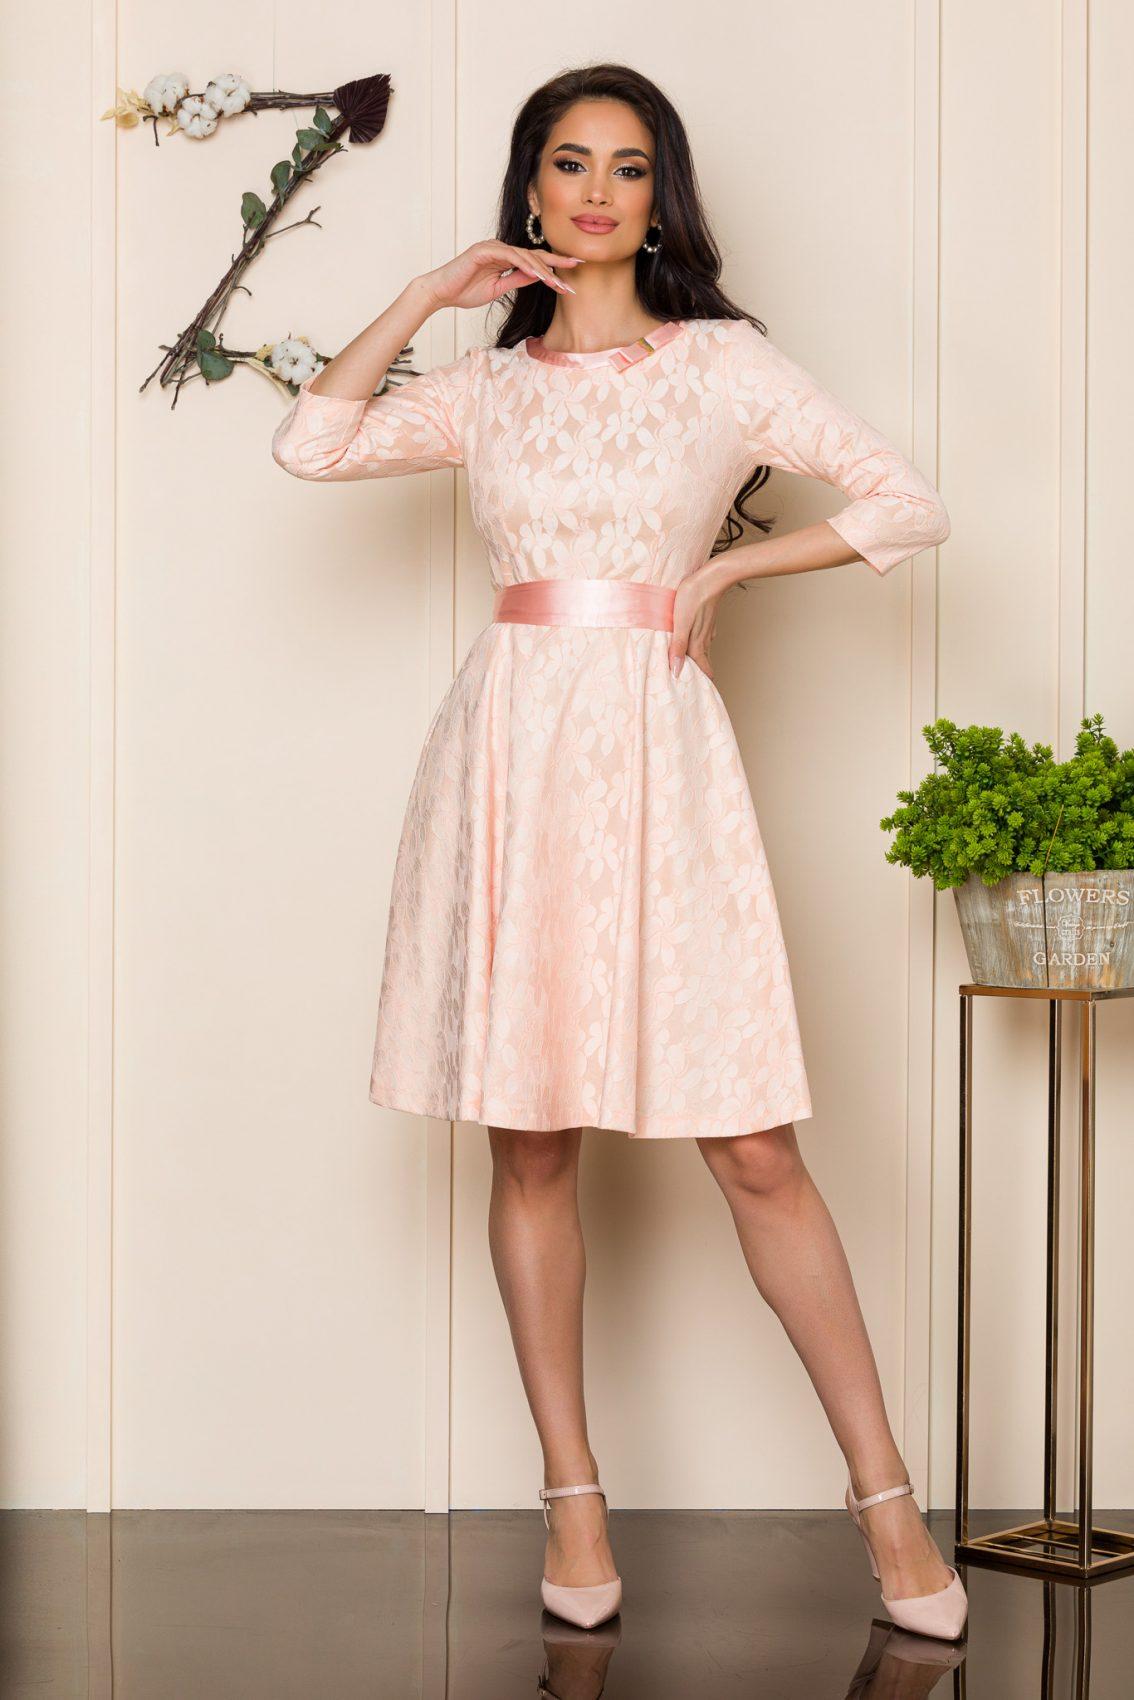 Ροζ Φόρεμα Από Δαντέλα Shelby A181 1